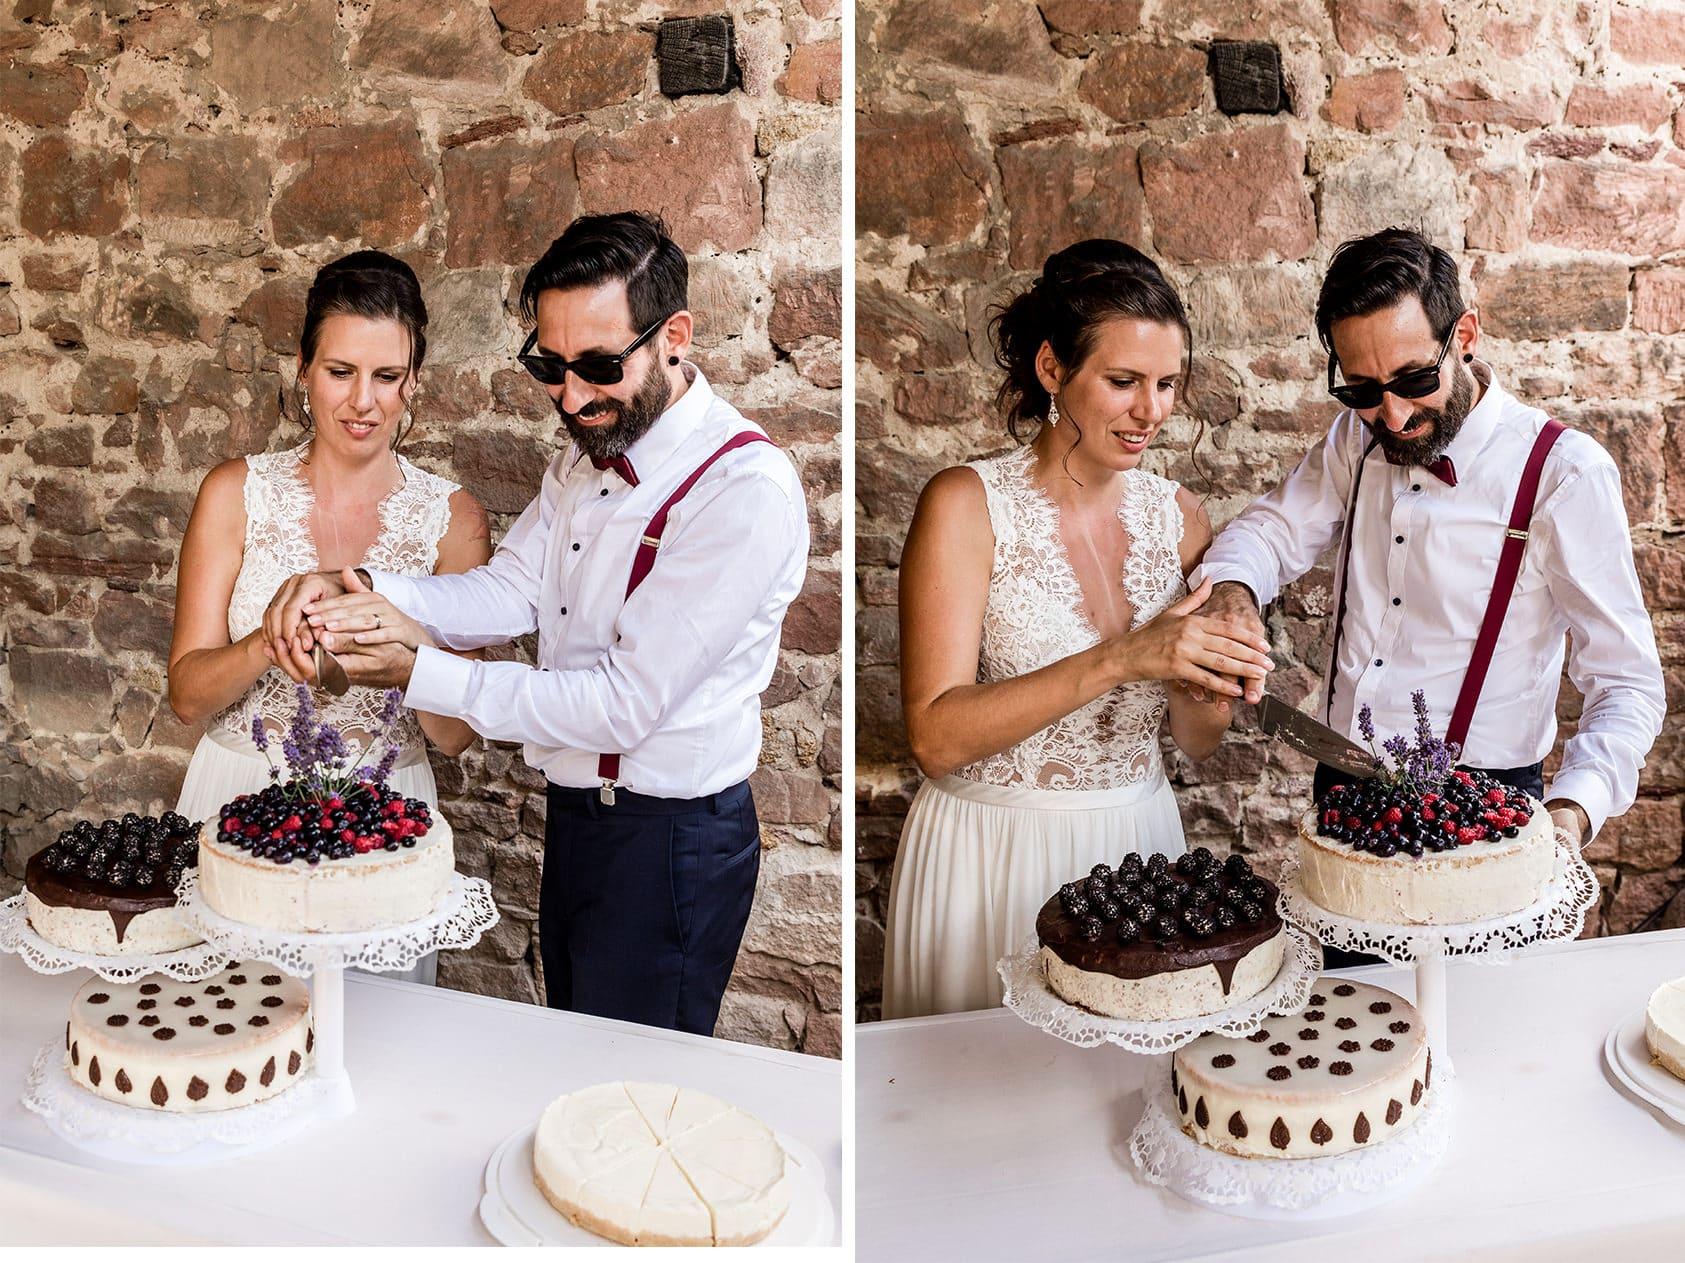 hochzeitsfotograf-darmstadt-mainz-wiesbaden-standesamt-grossgerau-vintage-boho-doityourself-wedding-heiraten-fotograf-hochzeitstorte